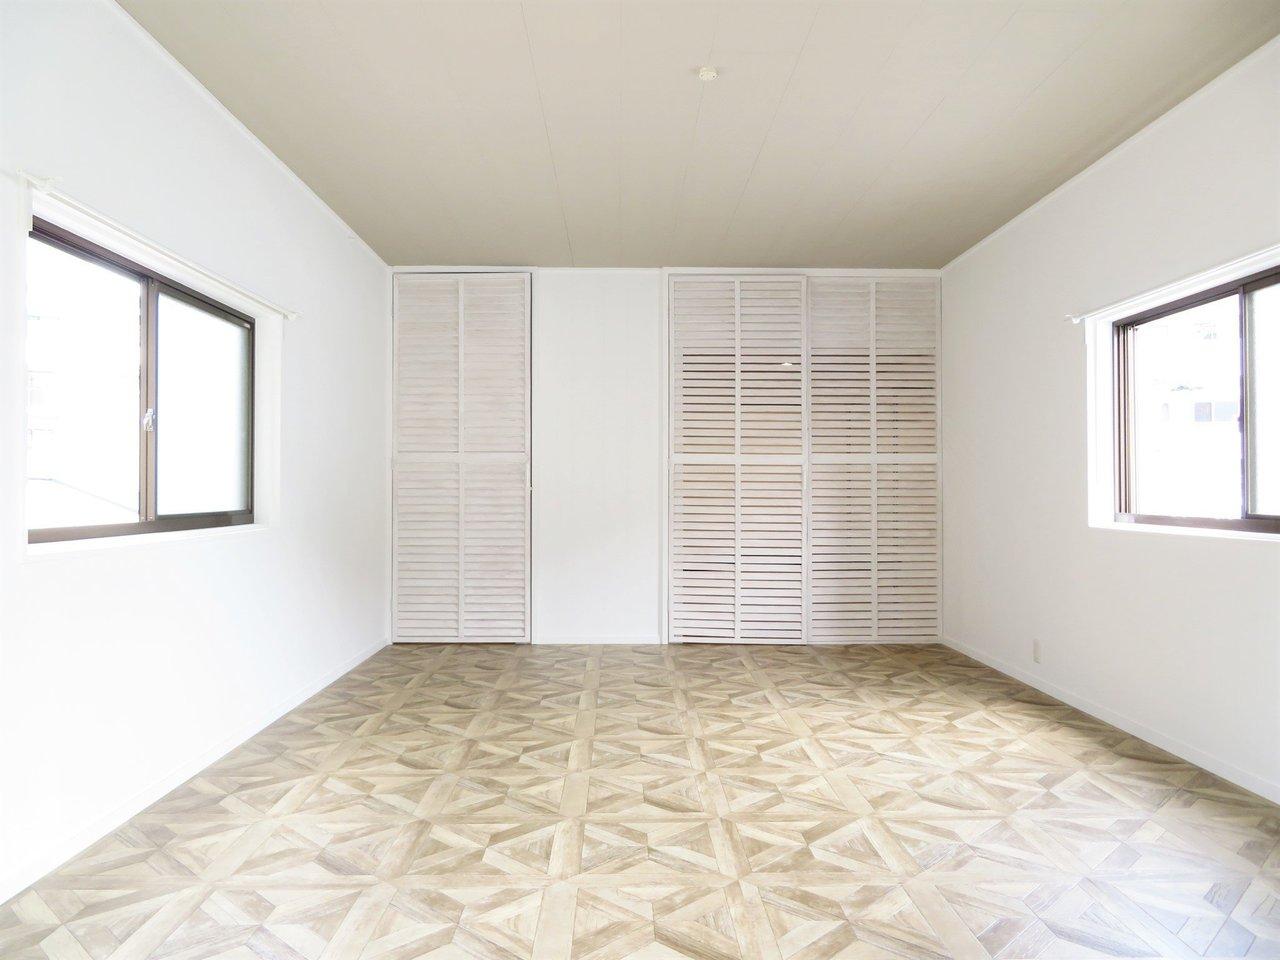 リビングからさらに階段を上がると寝室が。こちらも12畳も広さがあり、ダブルベッドも楽々おけそうです。3面採光で明るいし、床材もとってもおしゃれ。